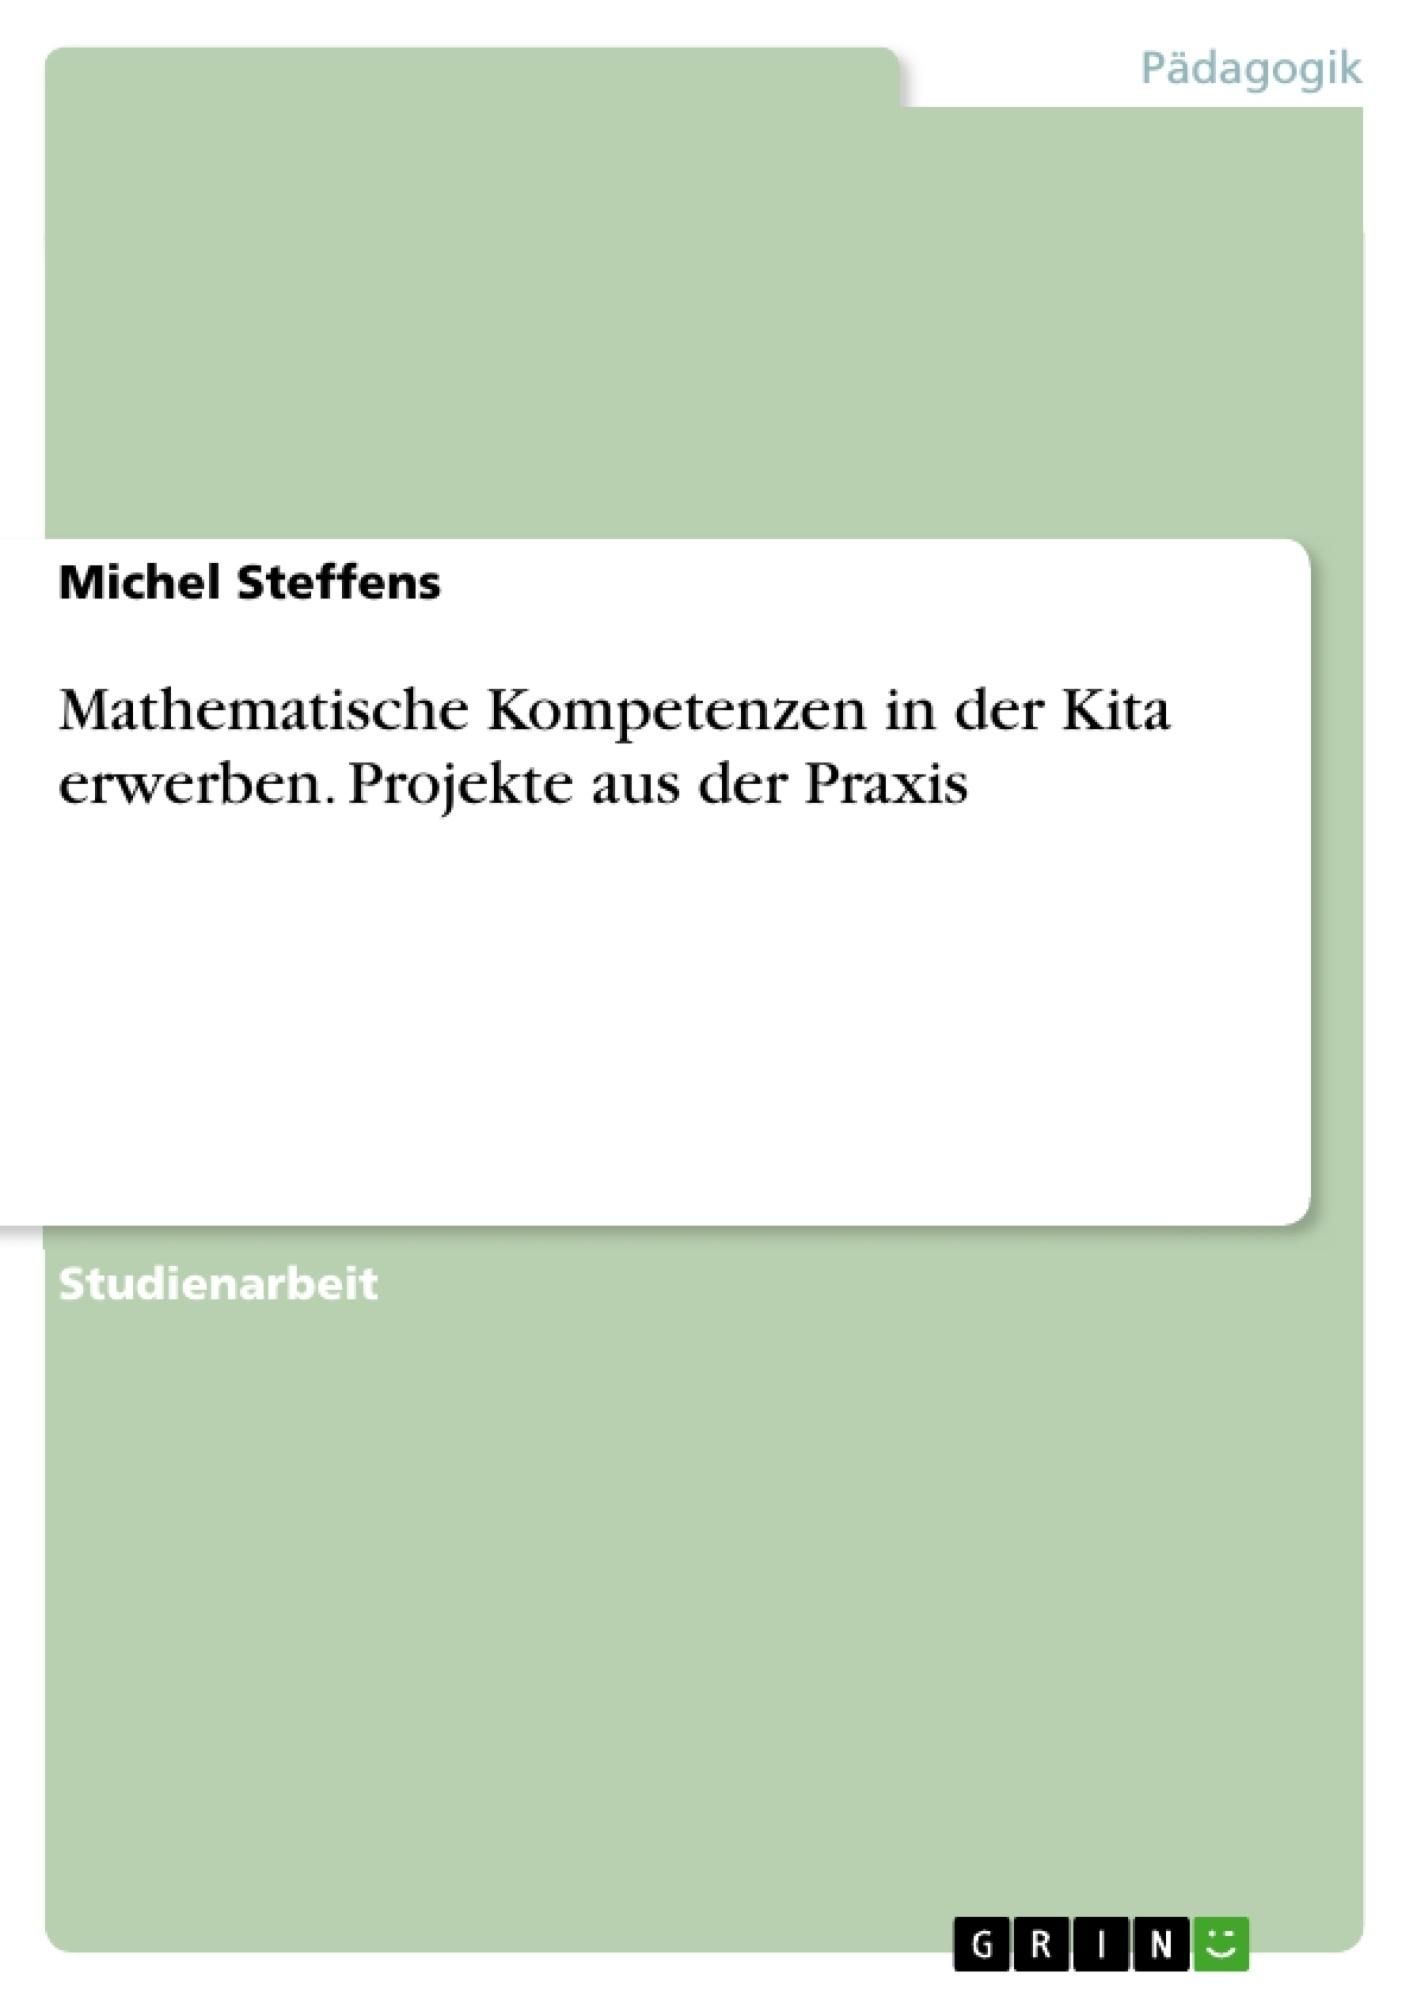 Titel: Mathematische Kompetenzen in der Kita erwerben. Projekte aus der Praxis